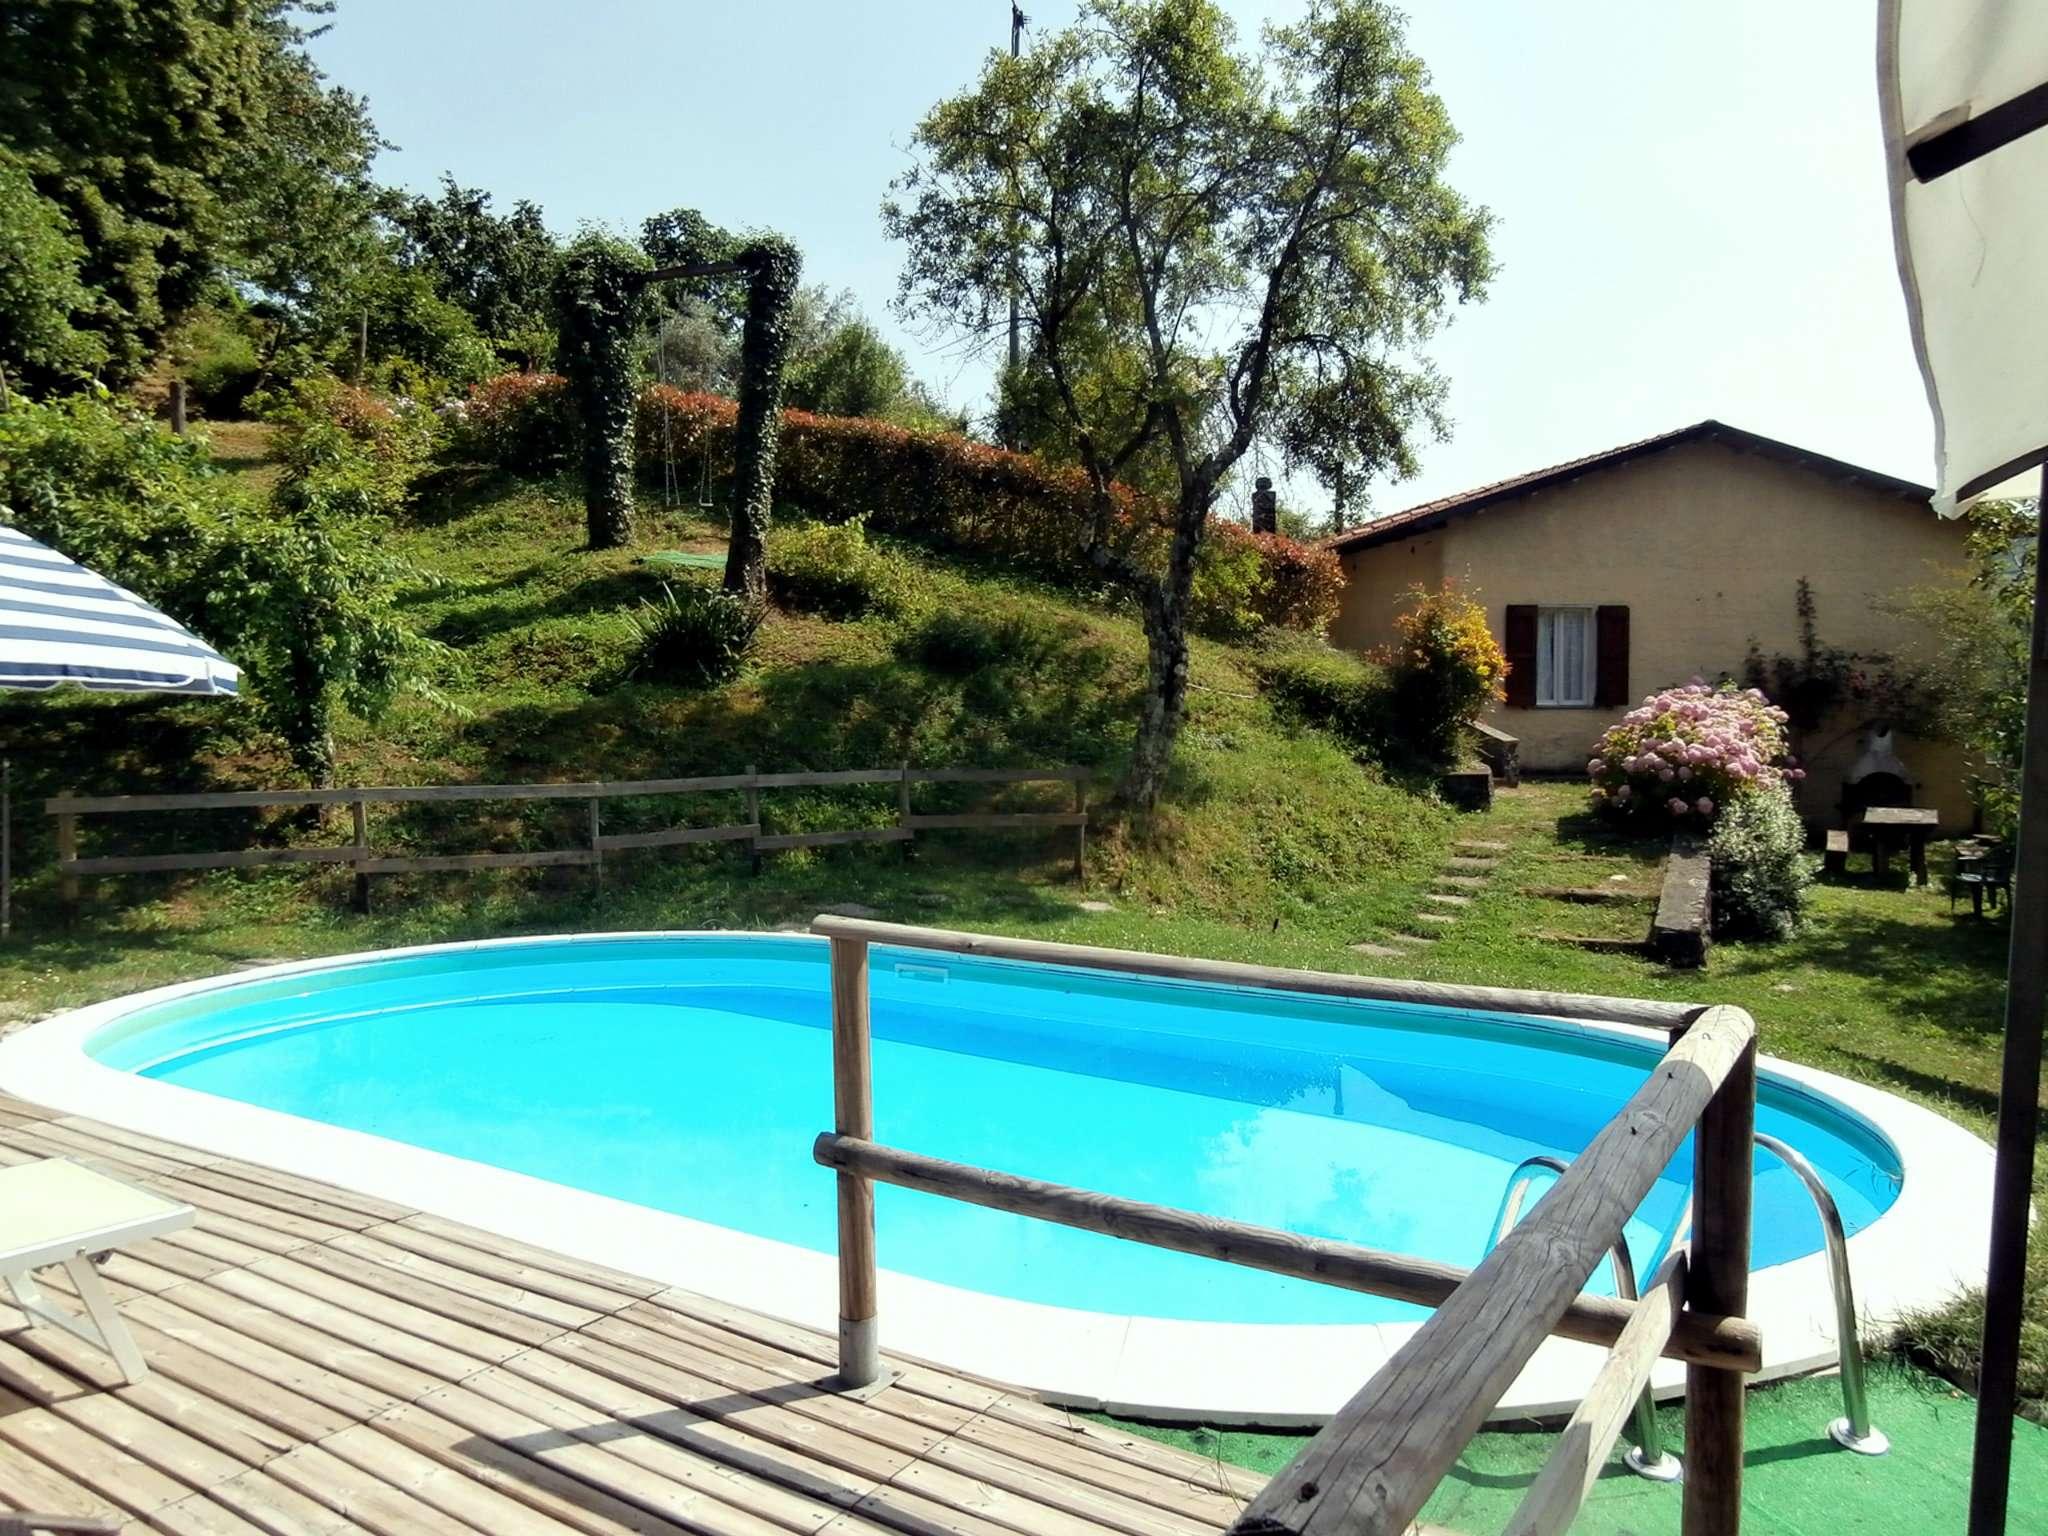 Villa in vendita a Fabbriche di Vergemoli, 7 locali, prezzo € 210.000 | CambioCasa.it